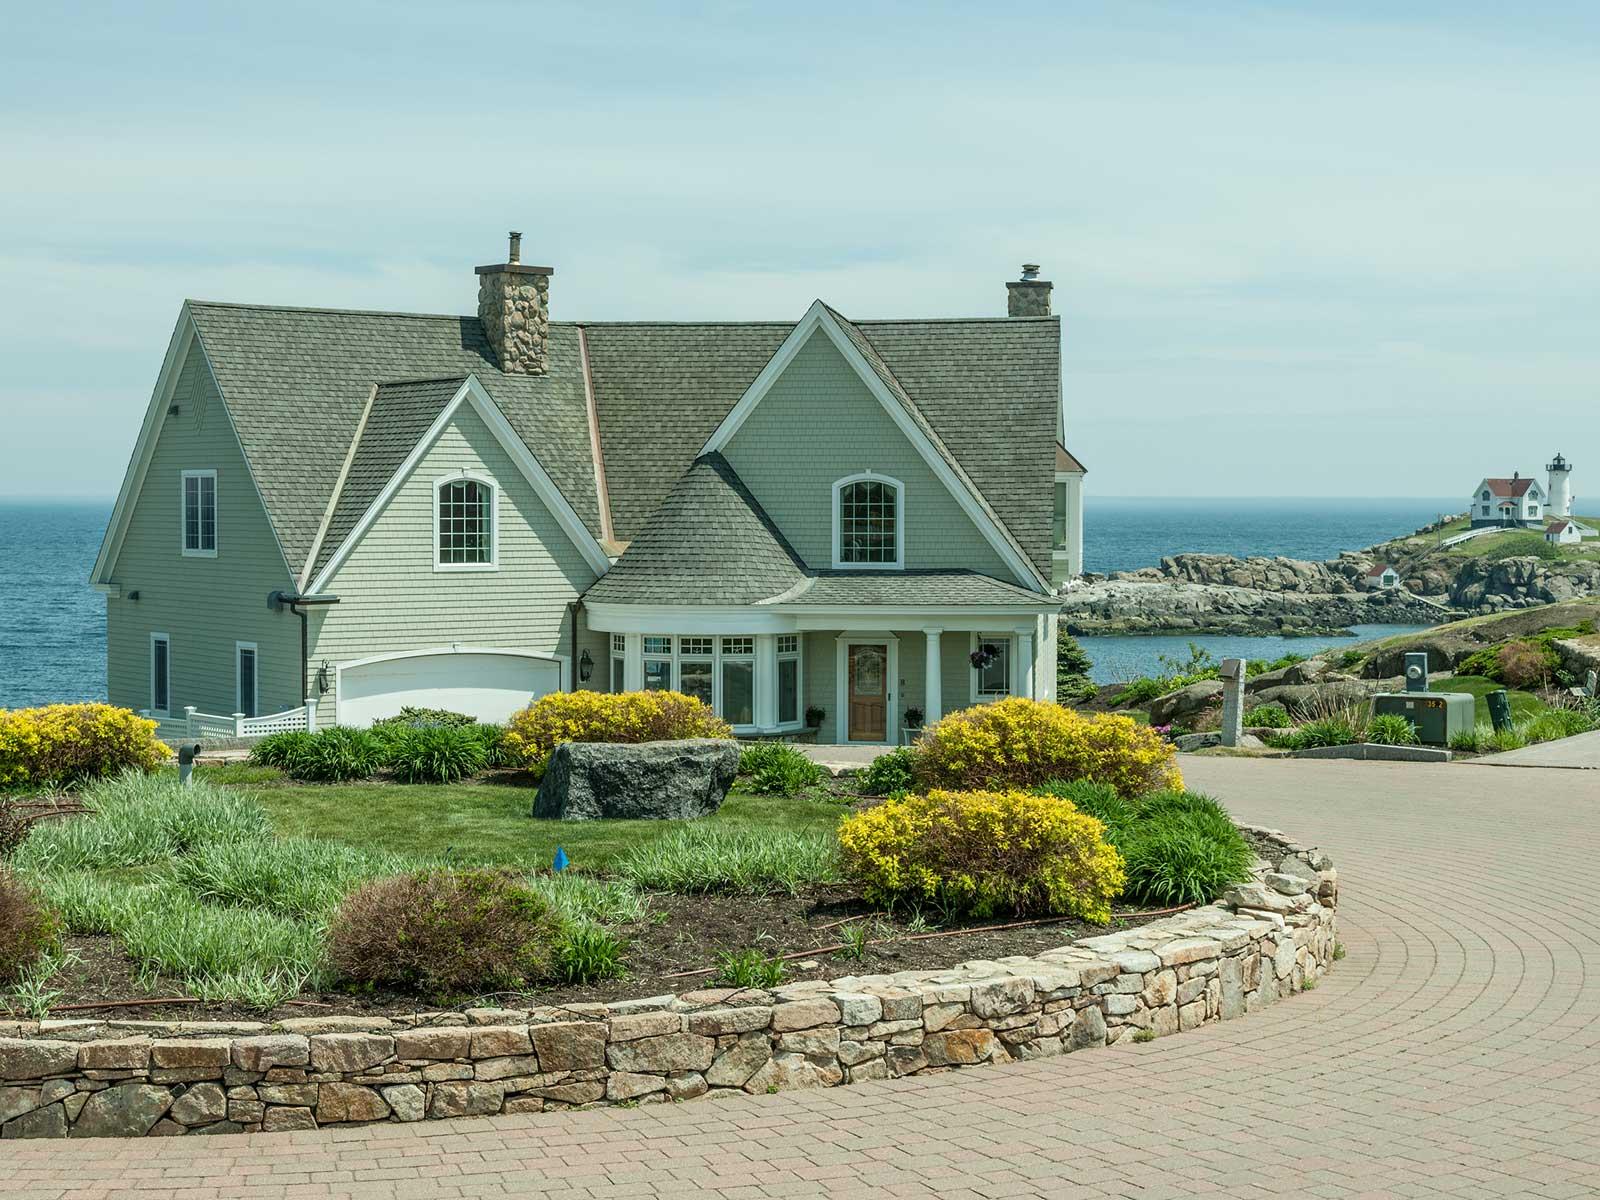 獨棟家庭住宅 為 出售 在 Bold Ocean and Nubble Lighthouse Views 8 Lighthouse Watch York, 緬因州 03909 美國